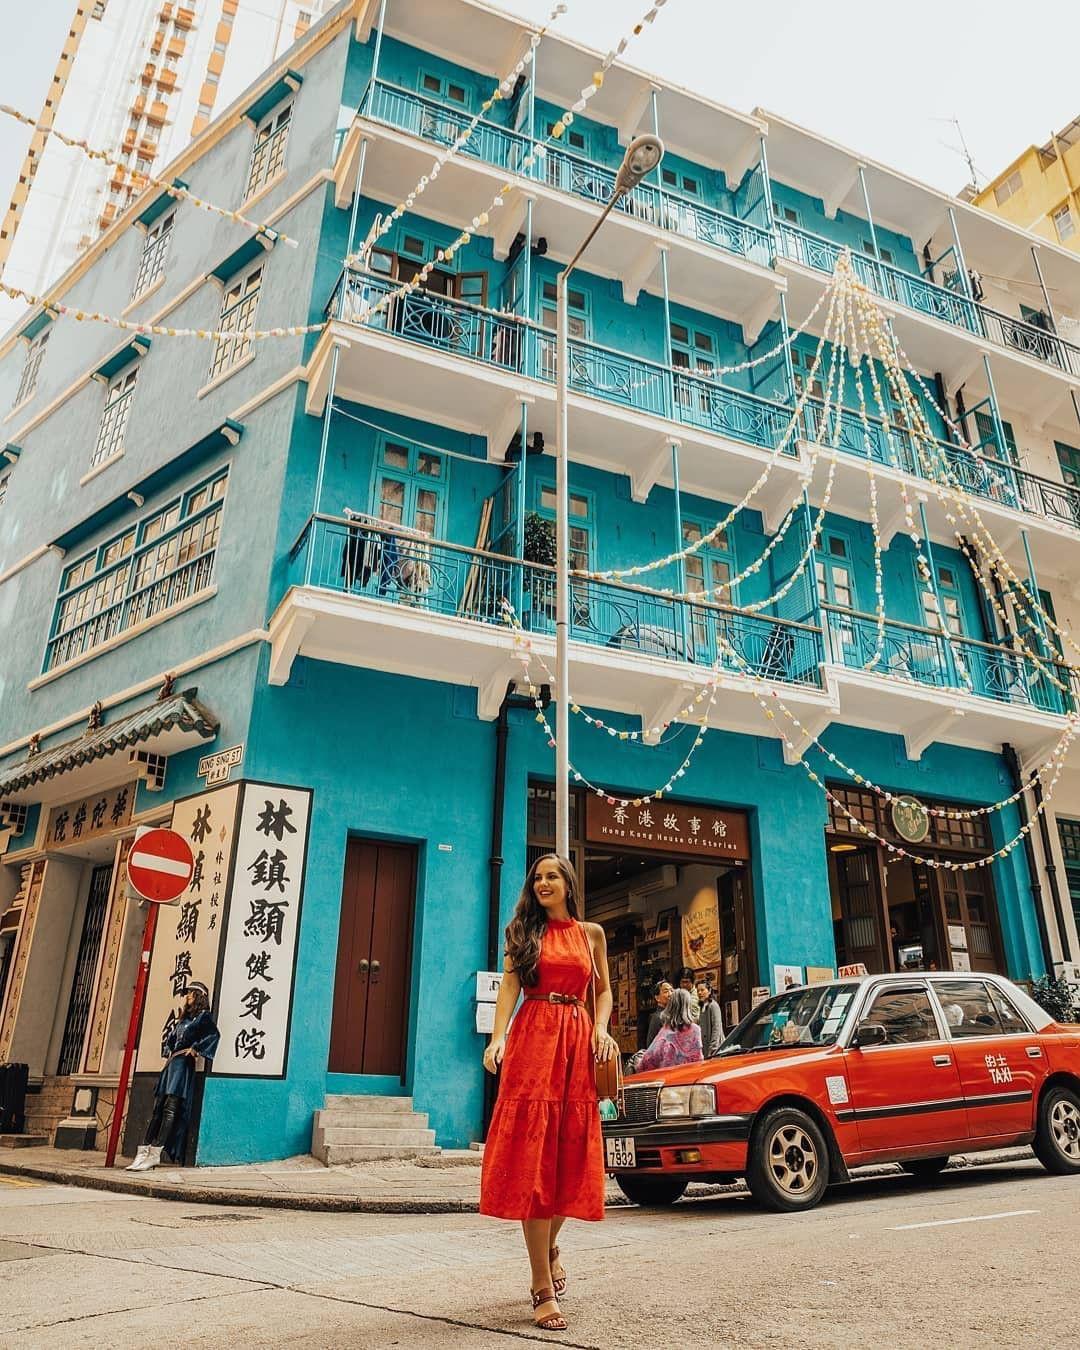 Bỏ túi ngay 8 điểm 'sống ảo' nổi tiếng ở Hong Kong, vị trí thứ 2 hot đến nỗi còn lọt vào top được check-in nhiều nhất trên Instagram! - Ảnh 15.